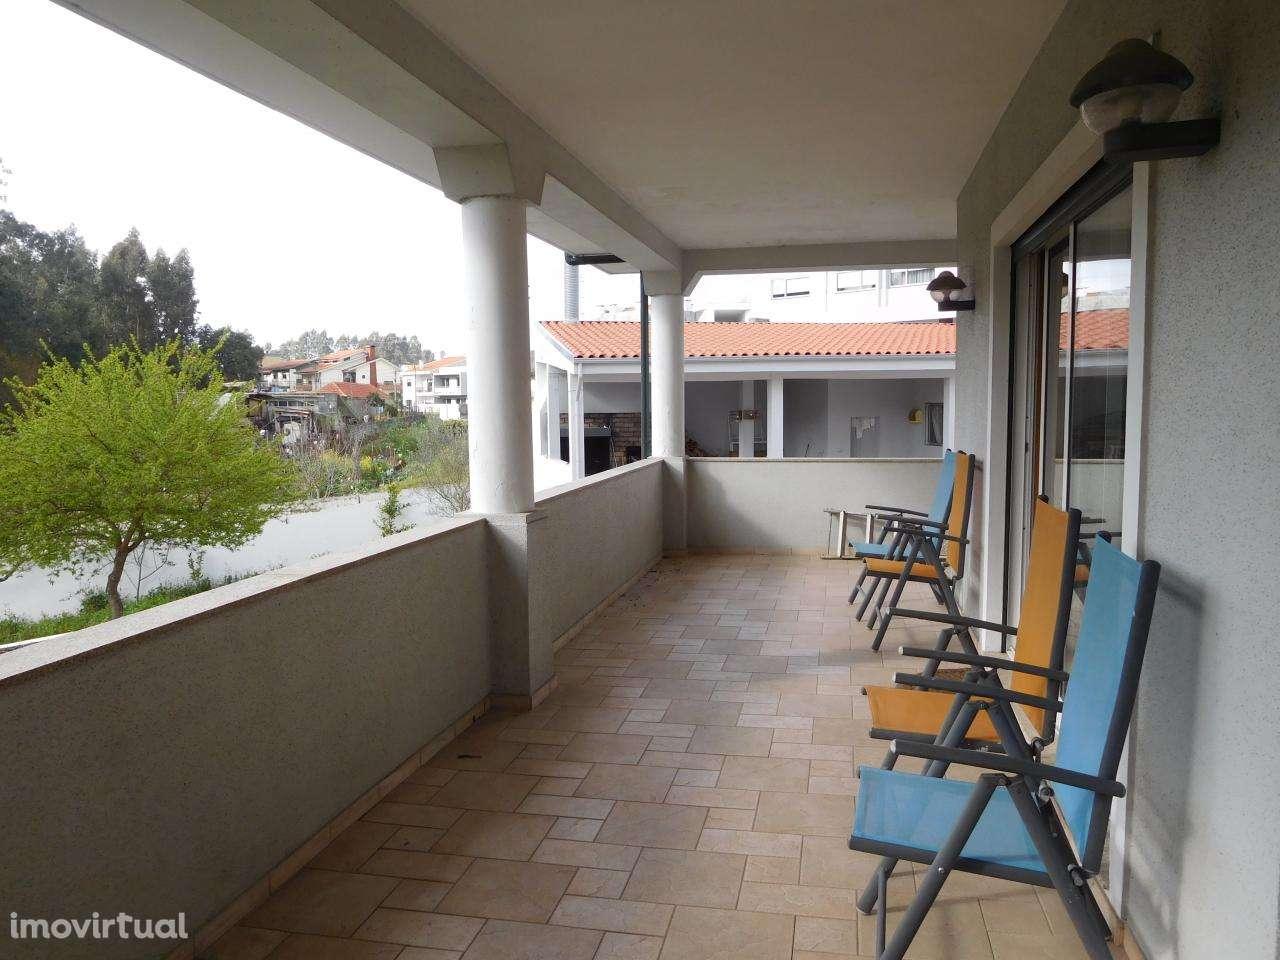 Moradia para comprar, Alfena, Valongo, Porto - Foto 10